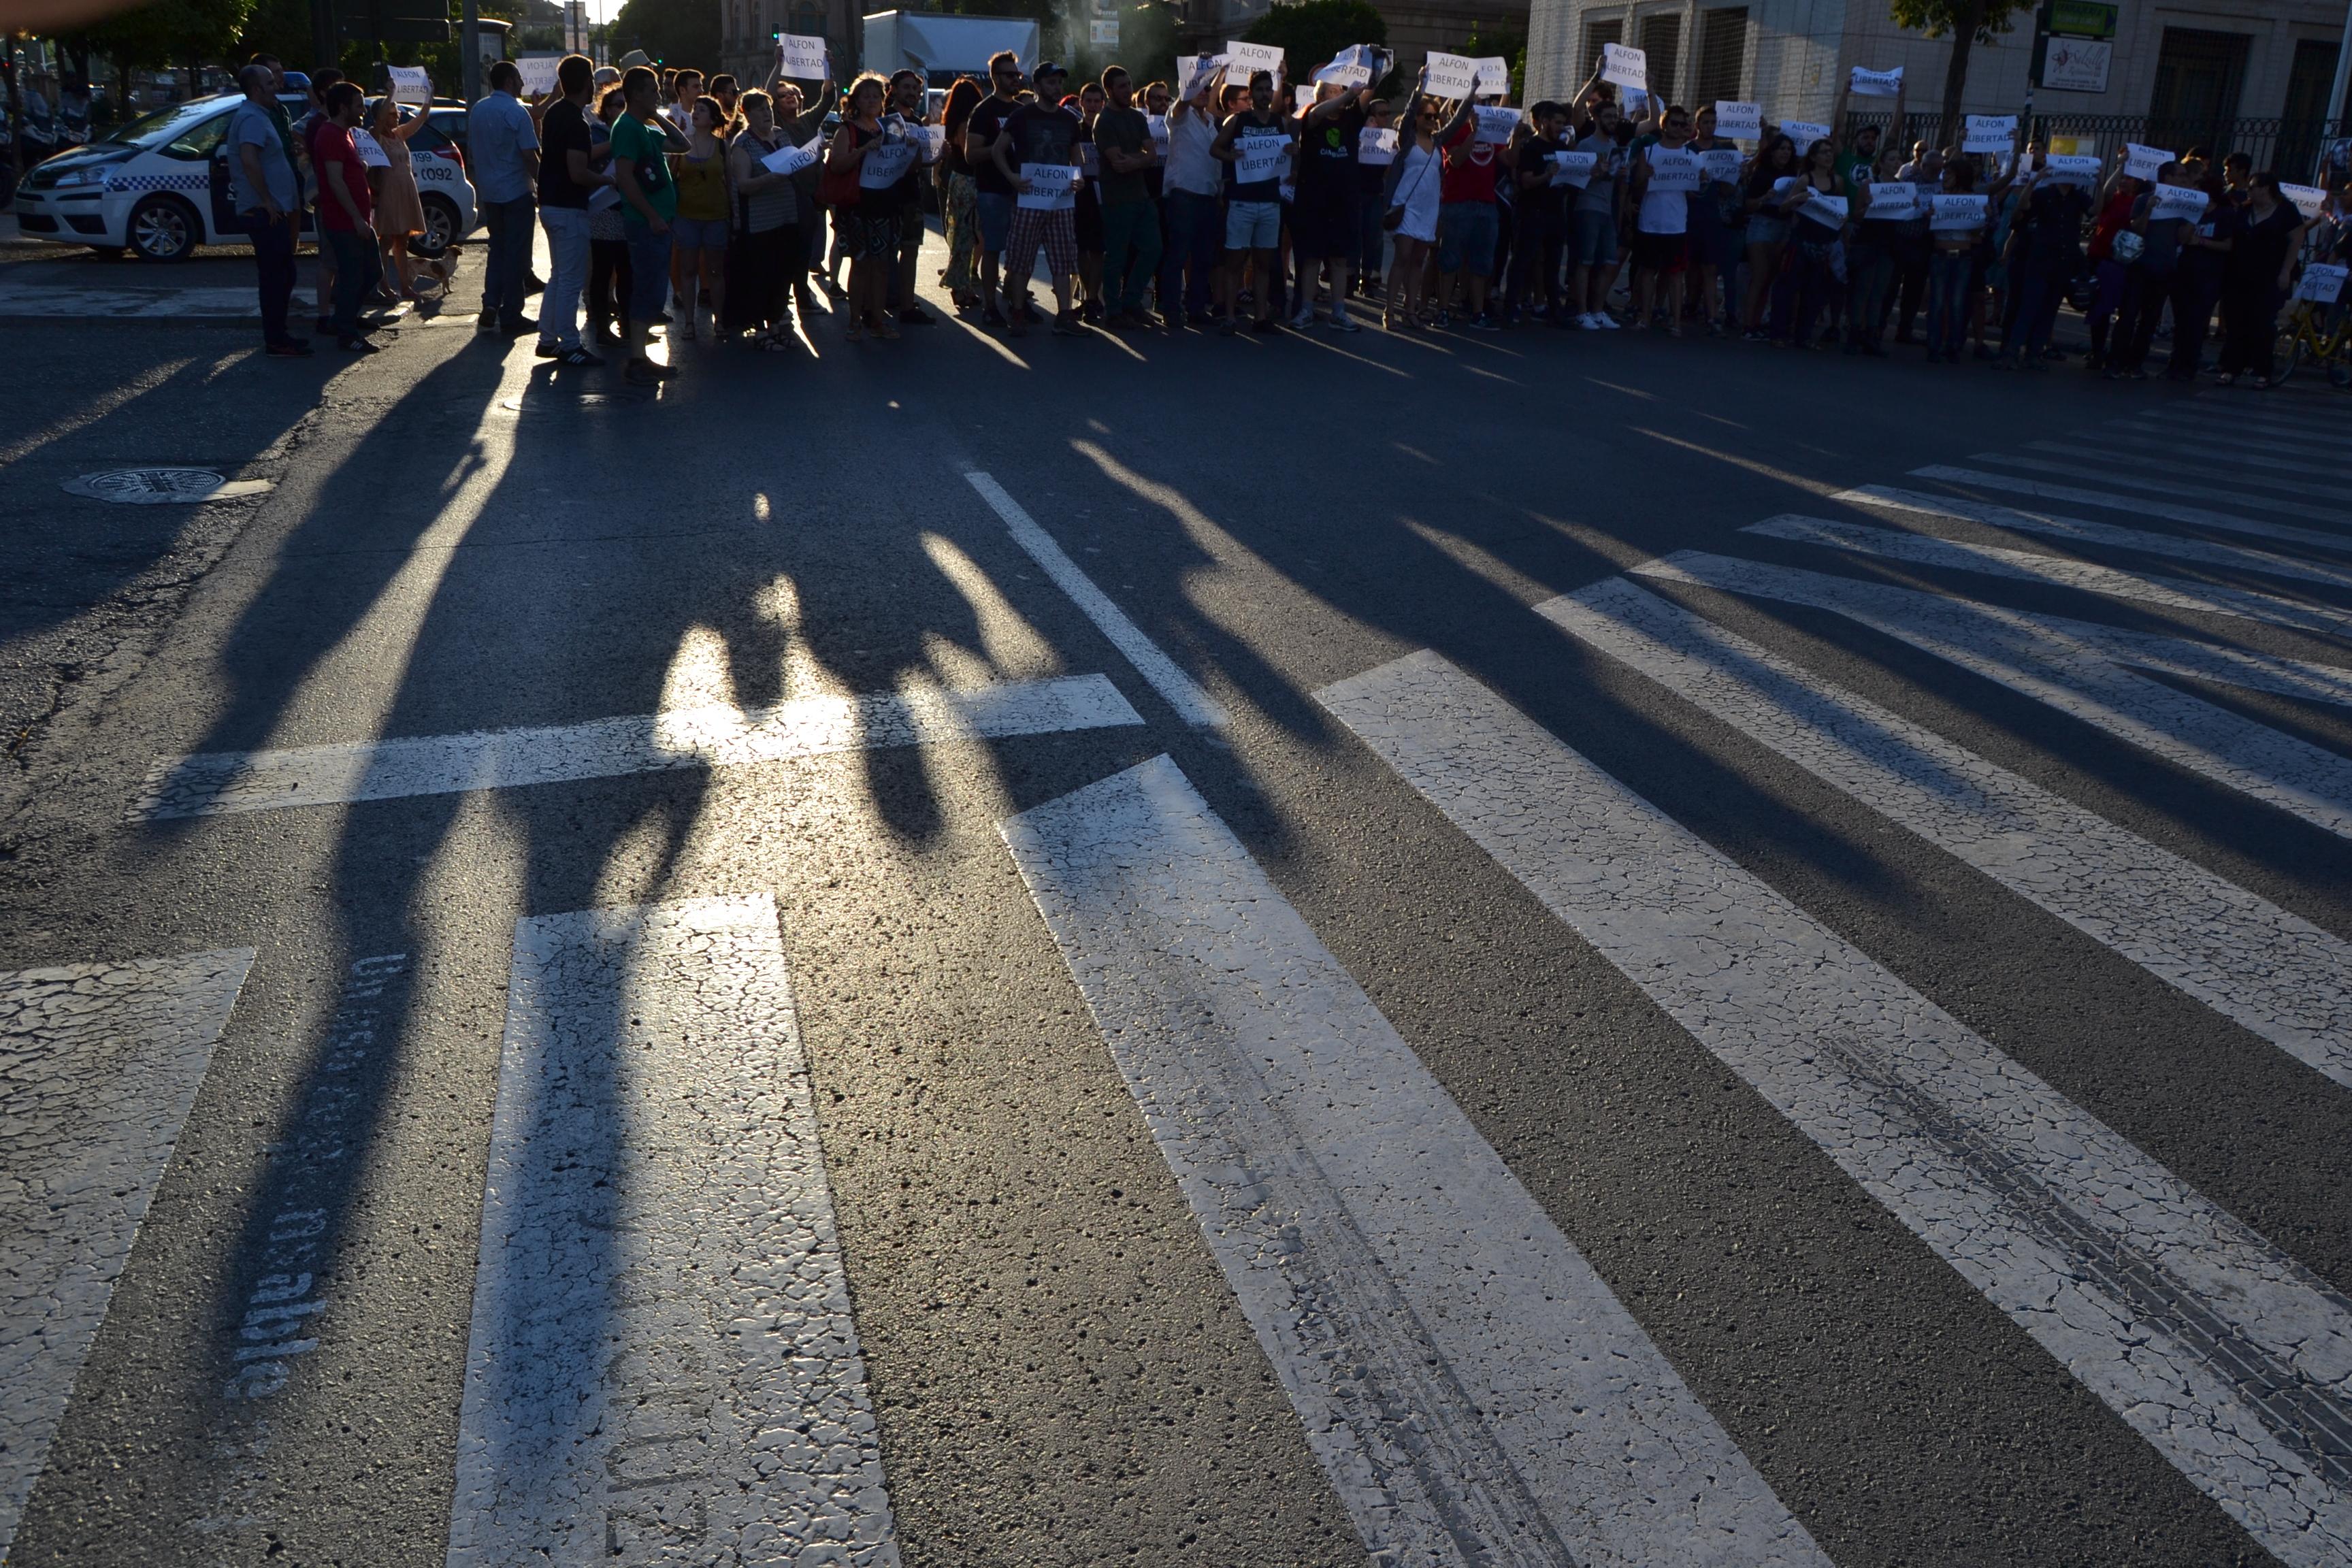 Murcia, Los Garres y manifestación de apoyo #Alfonlibertad 18/06/2015. Fotos de #zeroanodino para #URBANARTIMAÑA